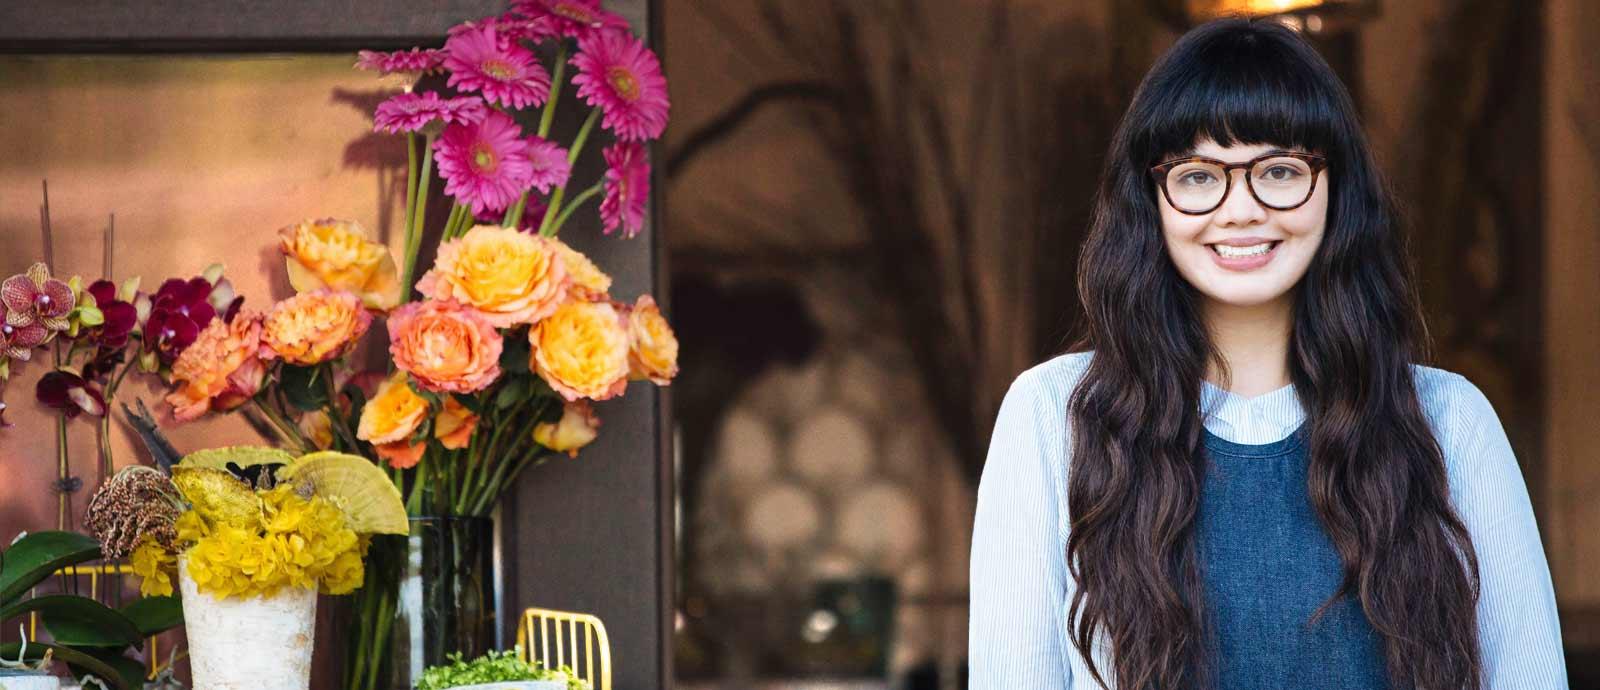 หญิงสาวใส่แว่นกำลังยิ้ม ยืนอยู่ข้างนอกข้างแจกันดอกไม้